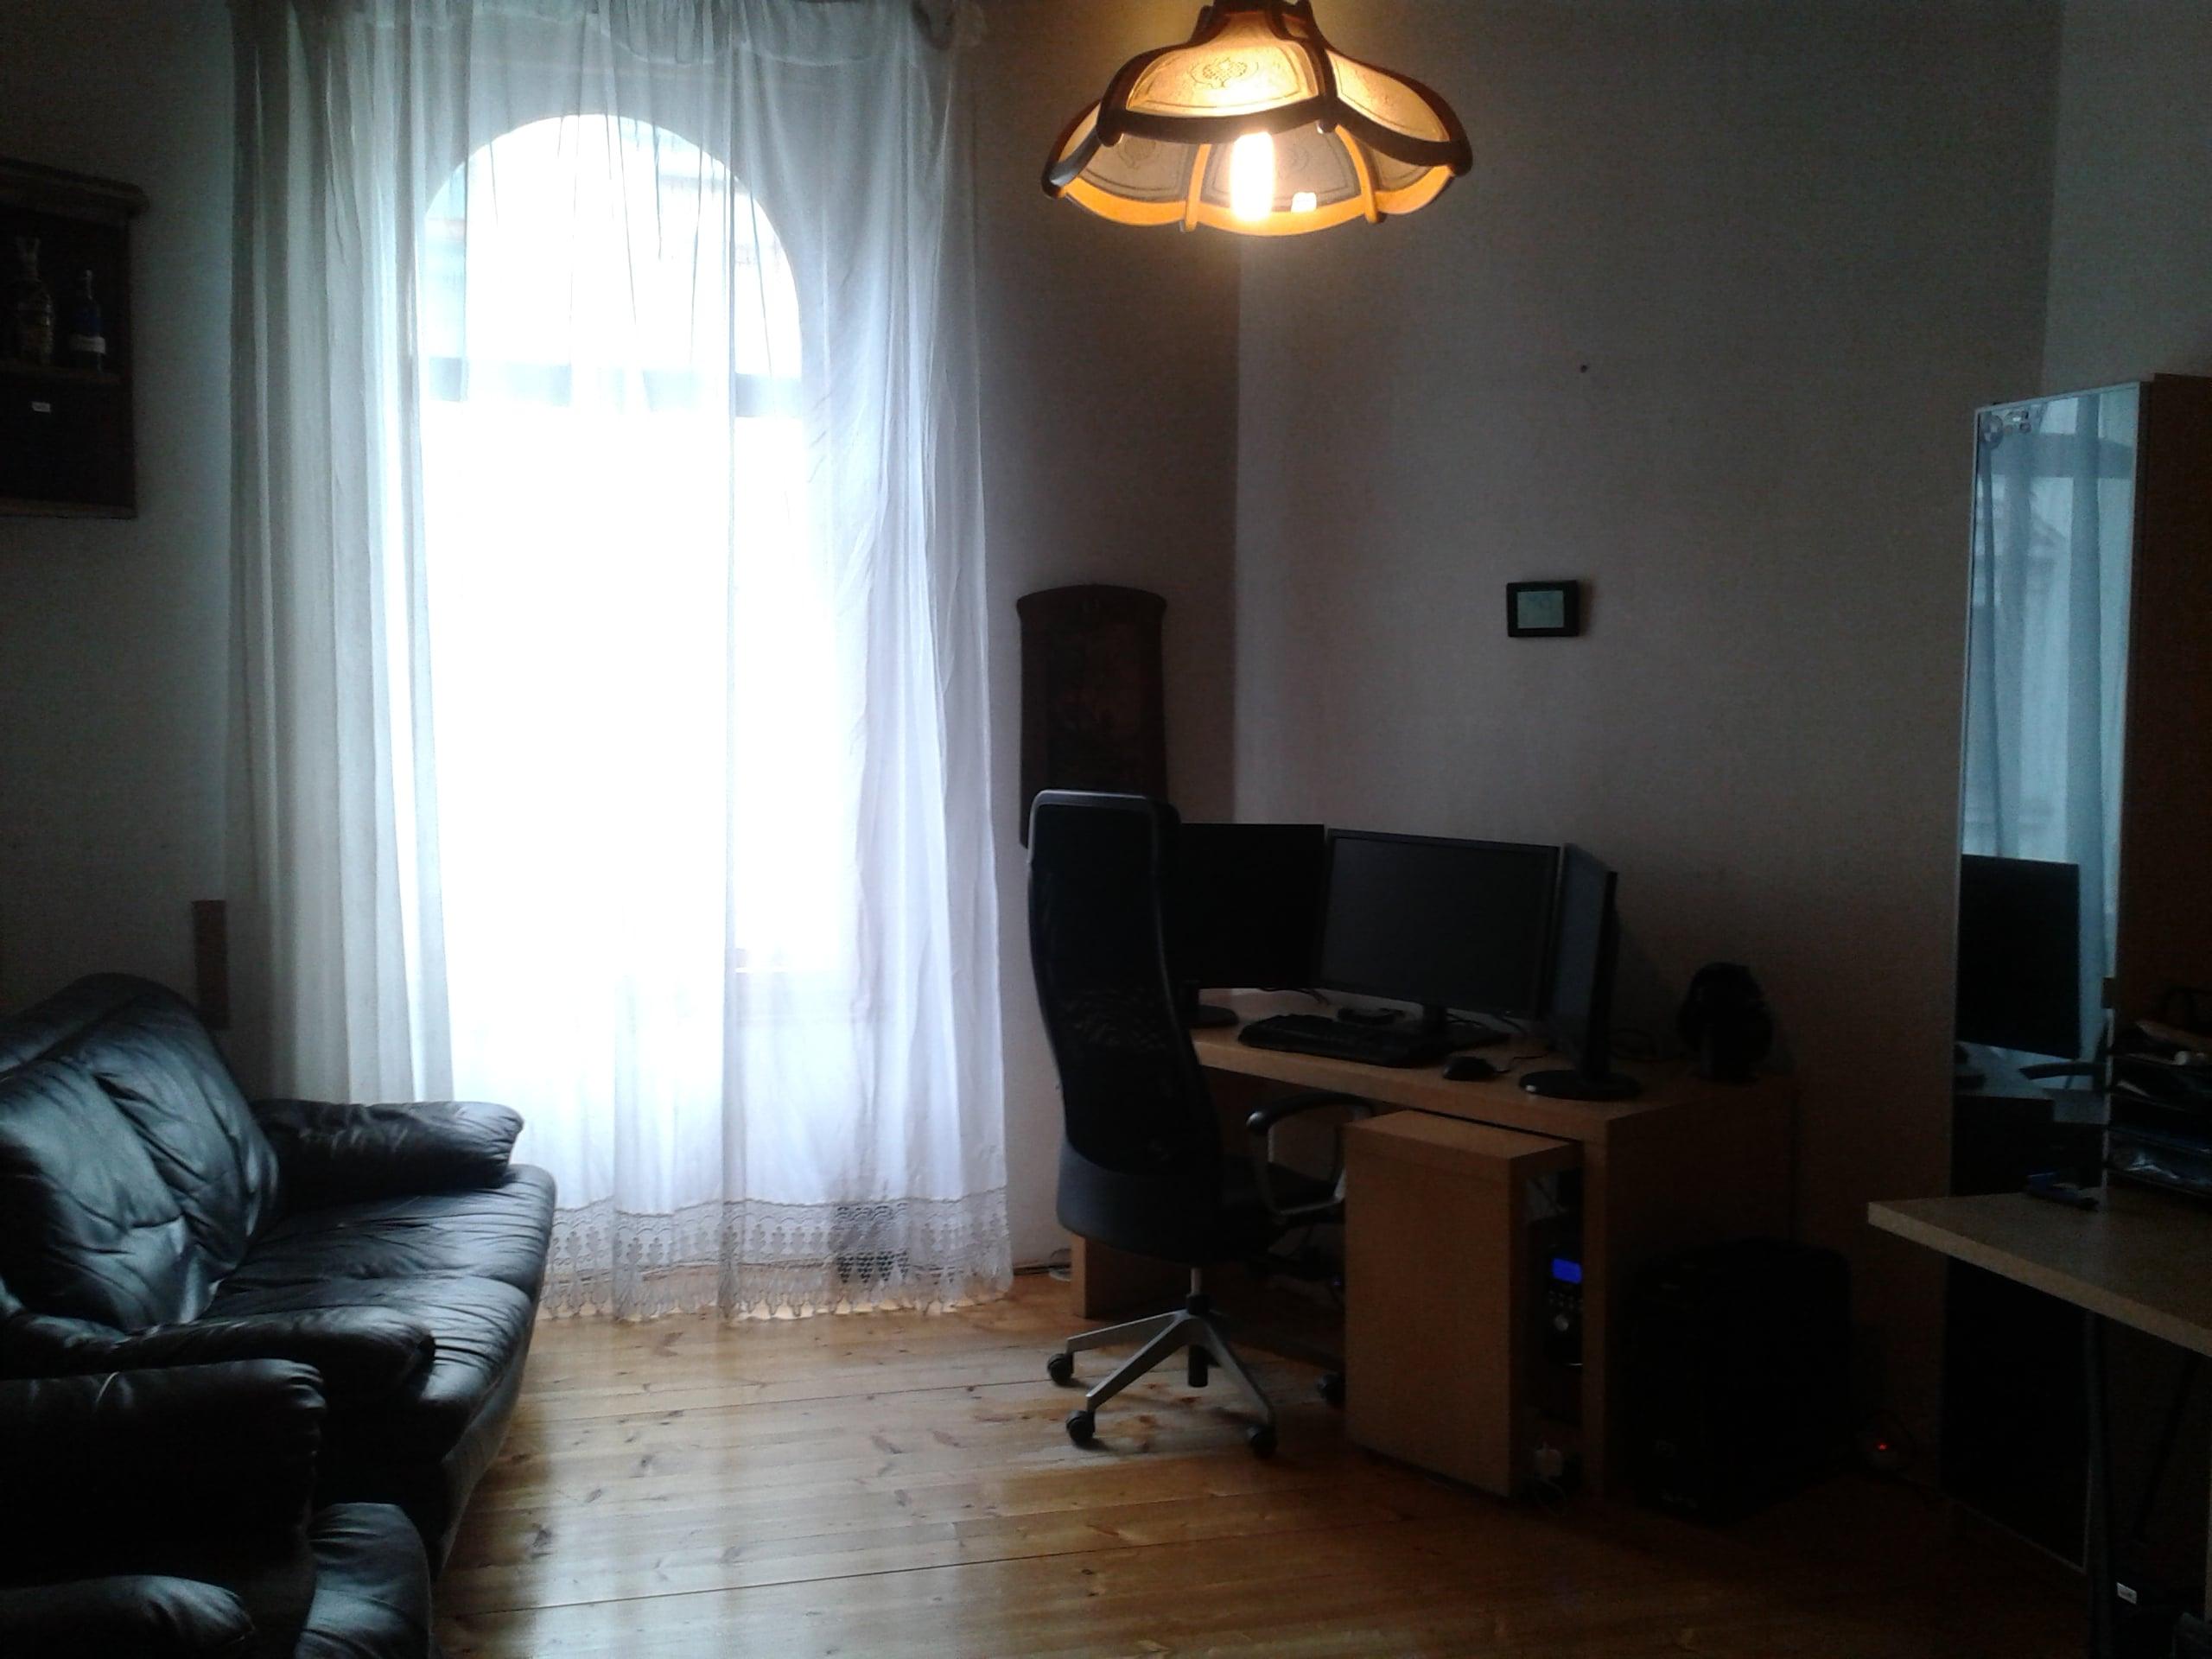 למכירה דירת 3+kk יפהפיה בפראג 1 העיר החדשה (47)